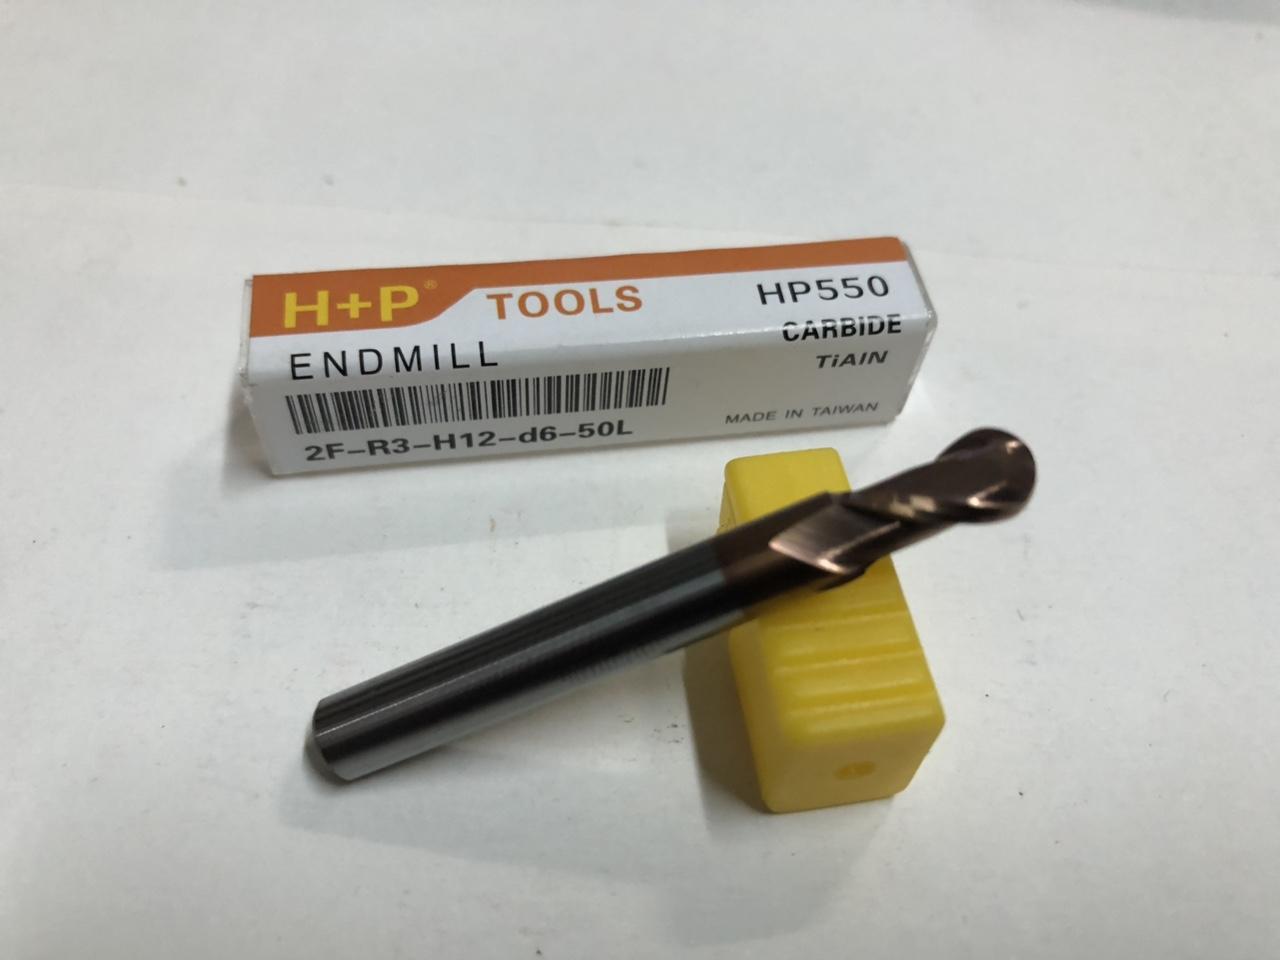 Mũi phay hợp kim CNC vàng (6 ly) cầu 2me cao cấp loại 1 H+P